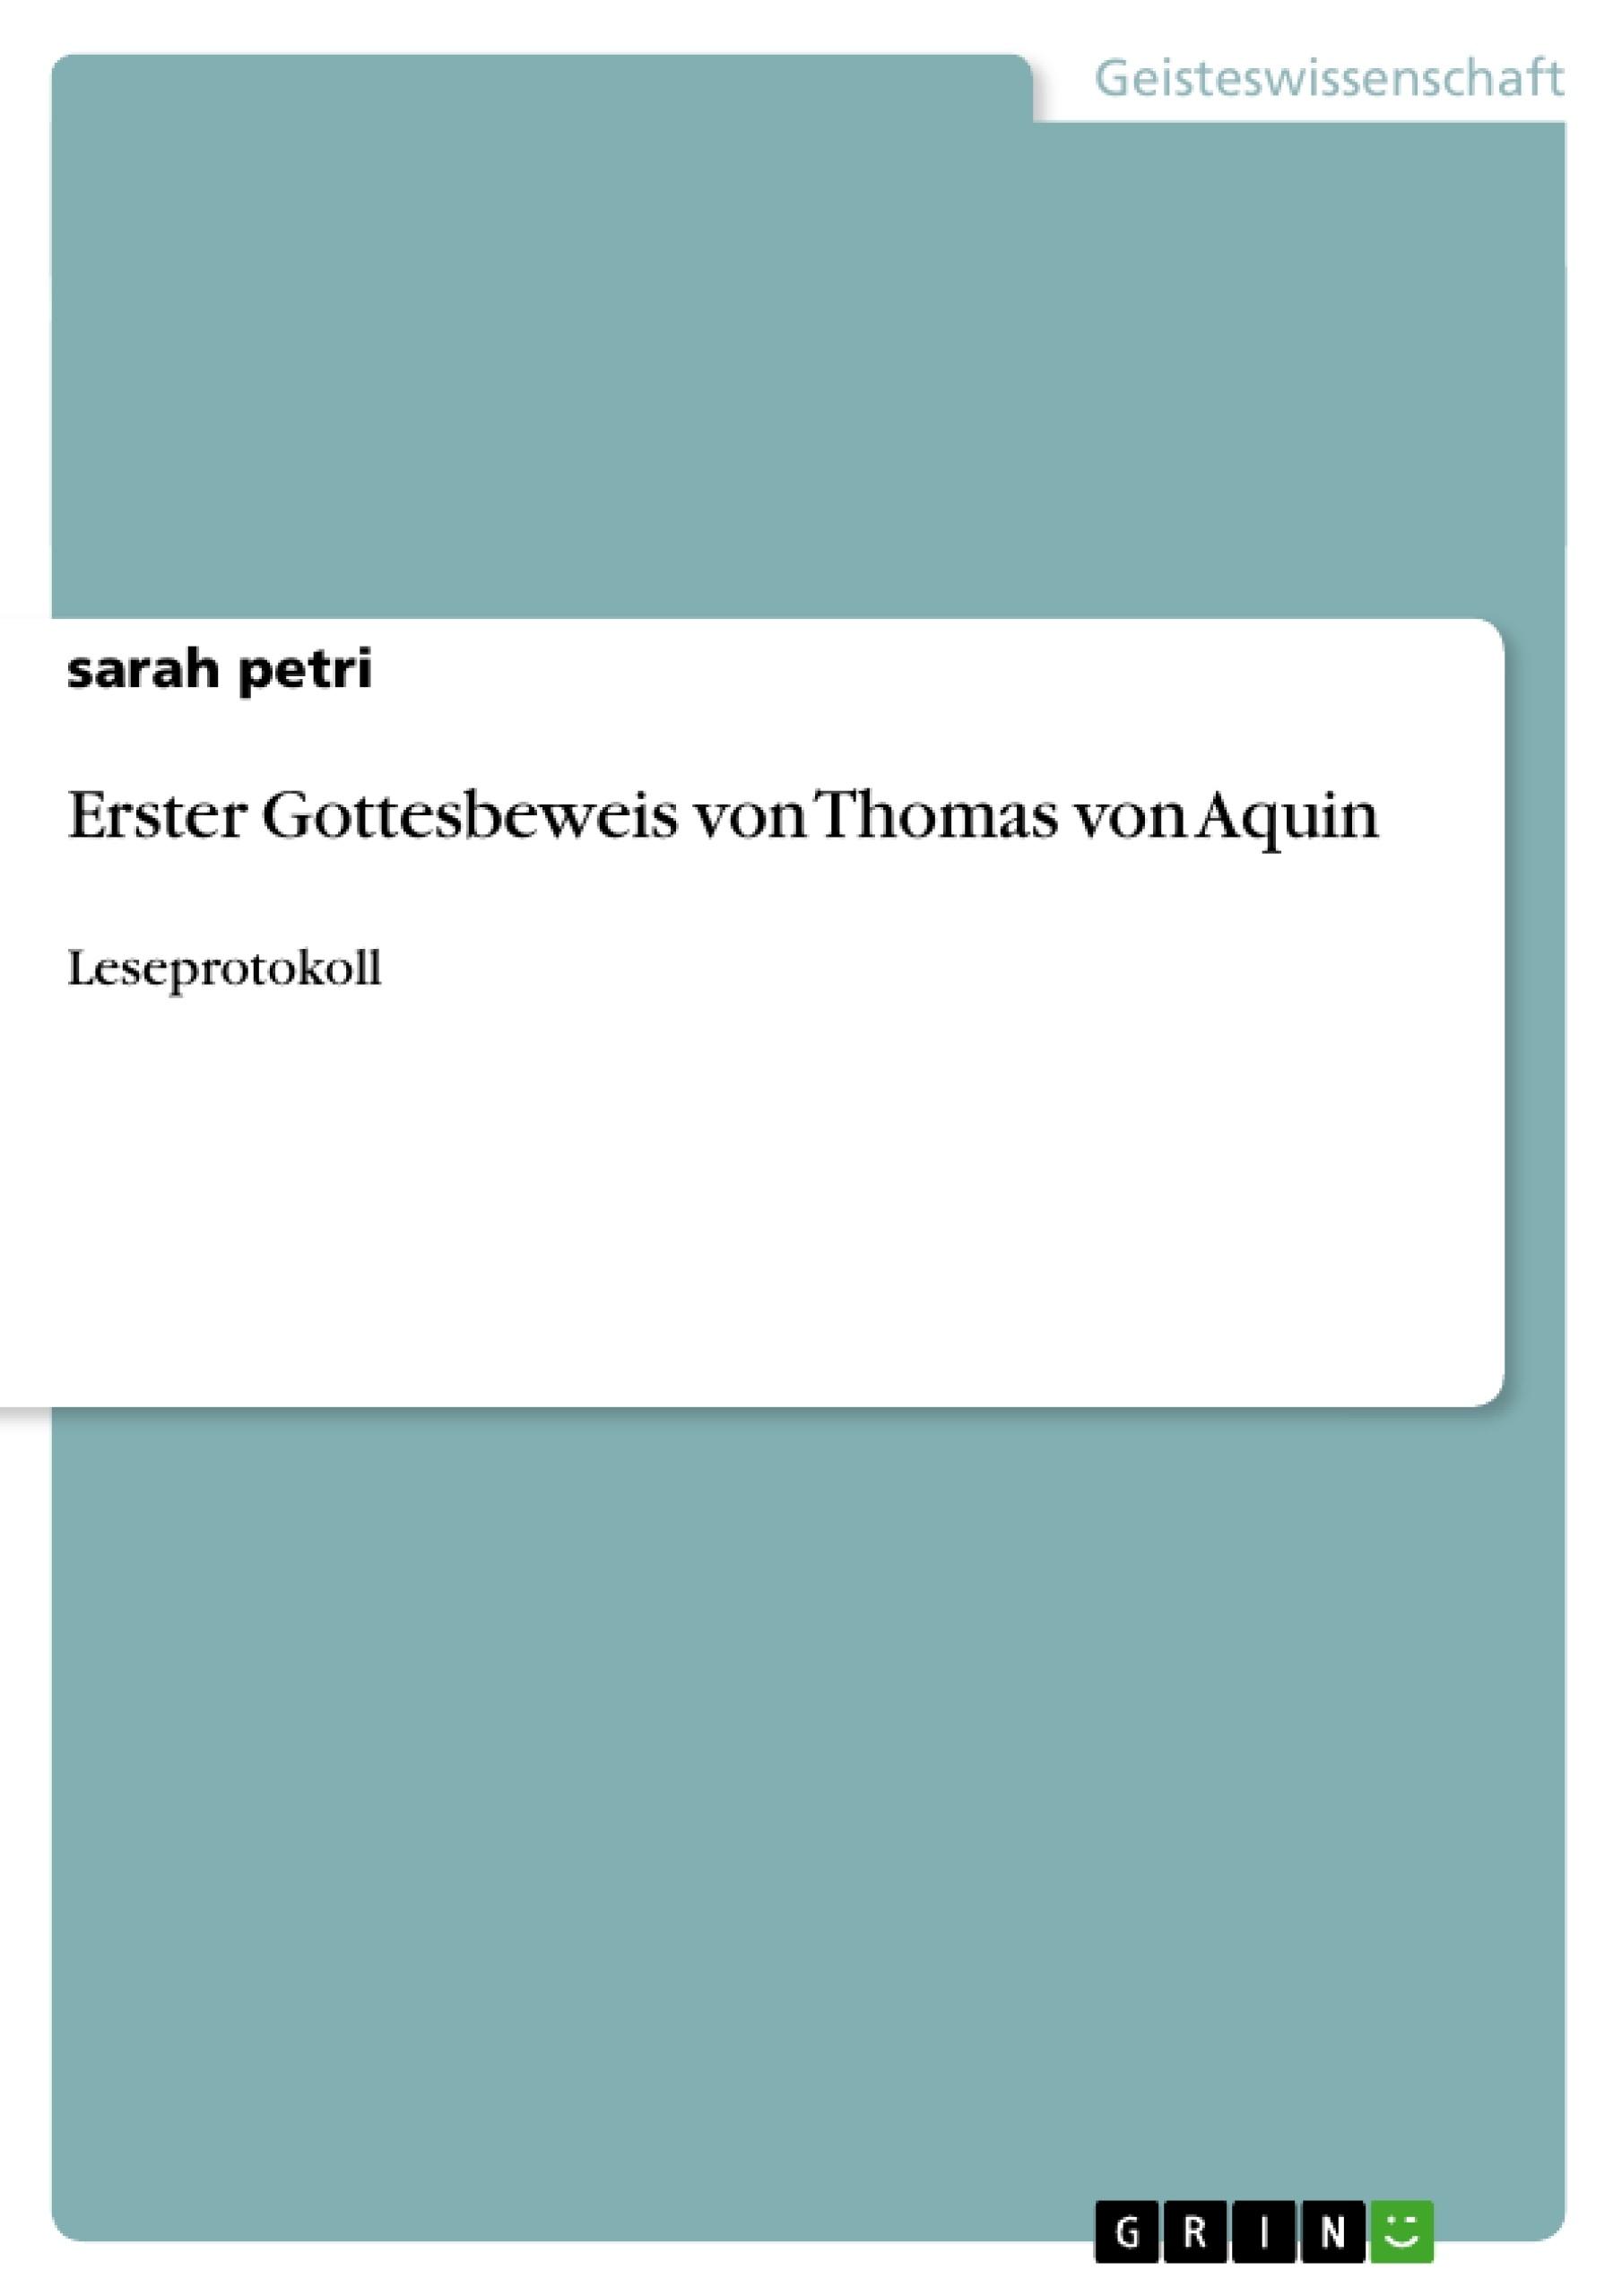 Titel: Erster Gottesbeweis von Thomas von Aquin